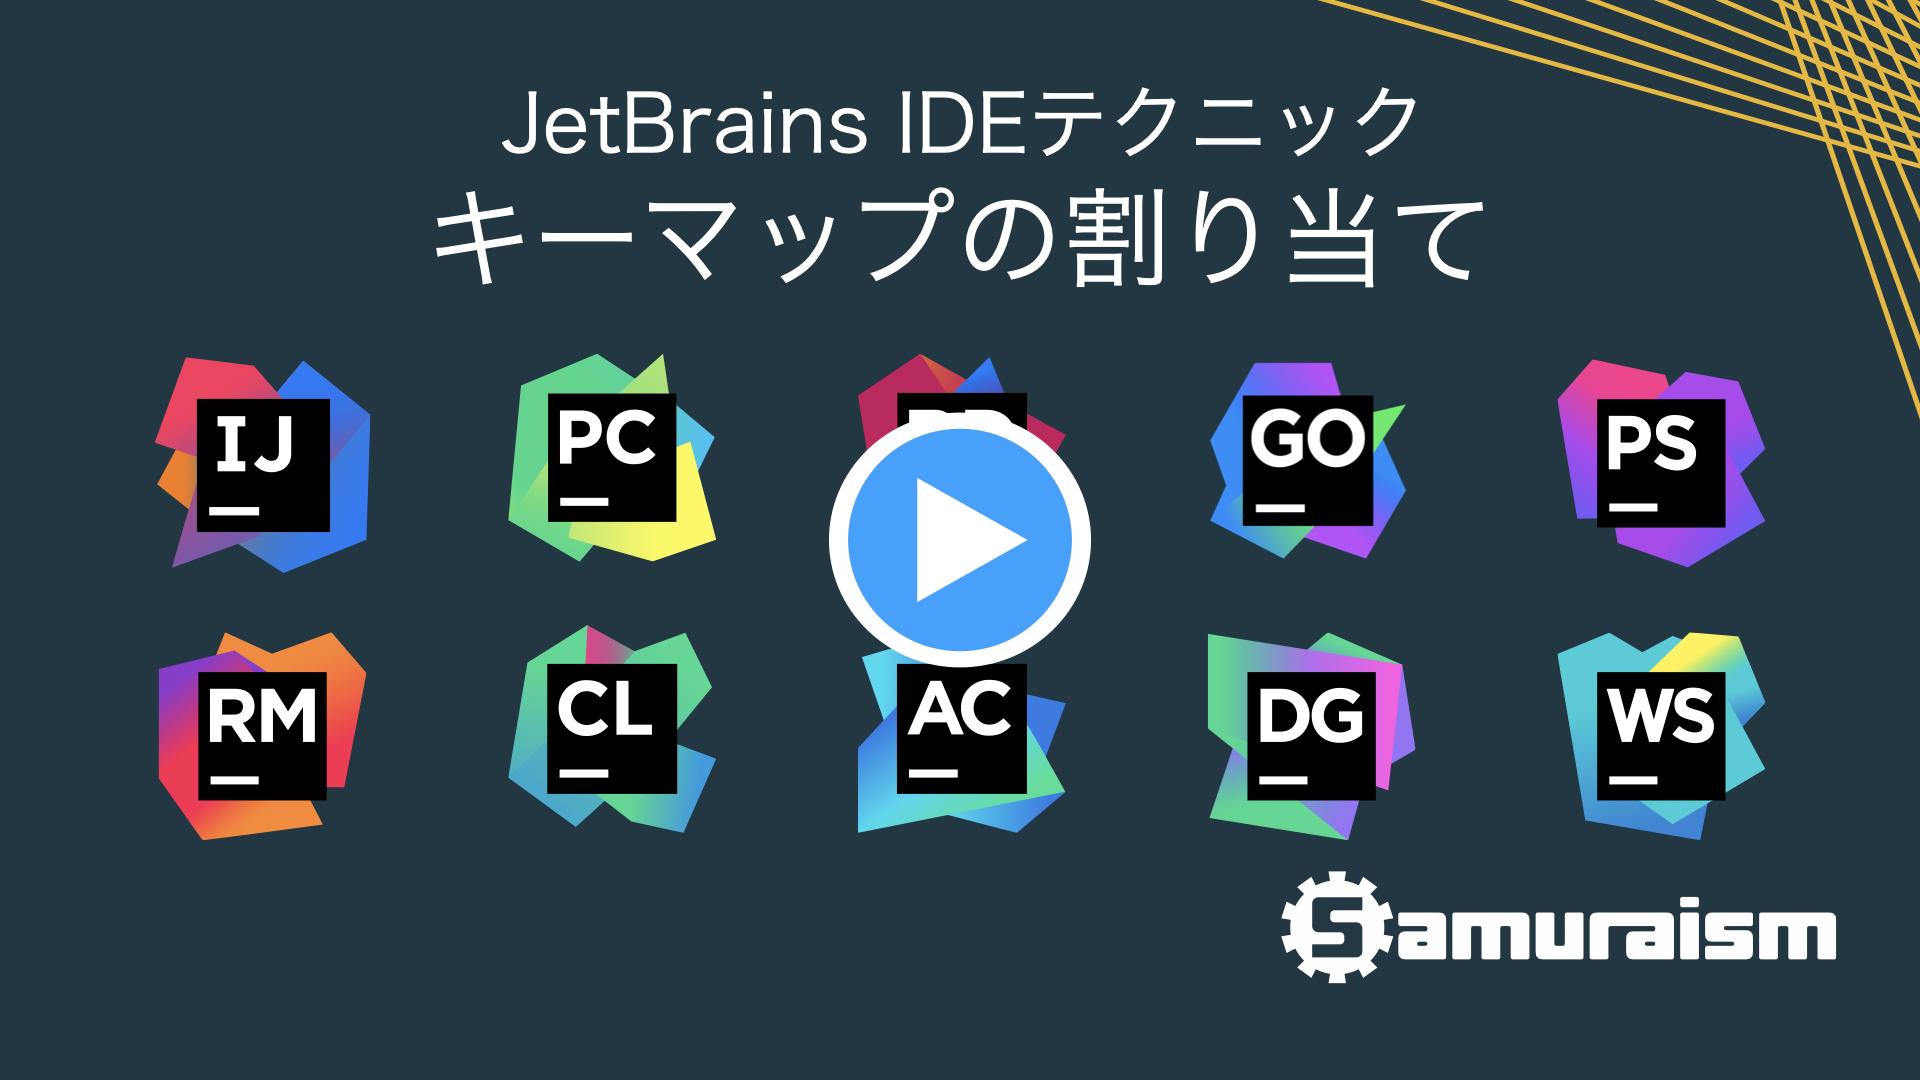 #JetBrainsIDEテクニック – キーマップの割り当て